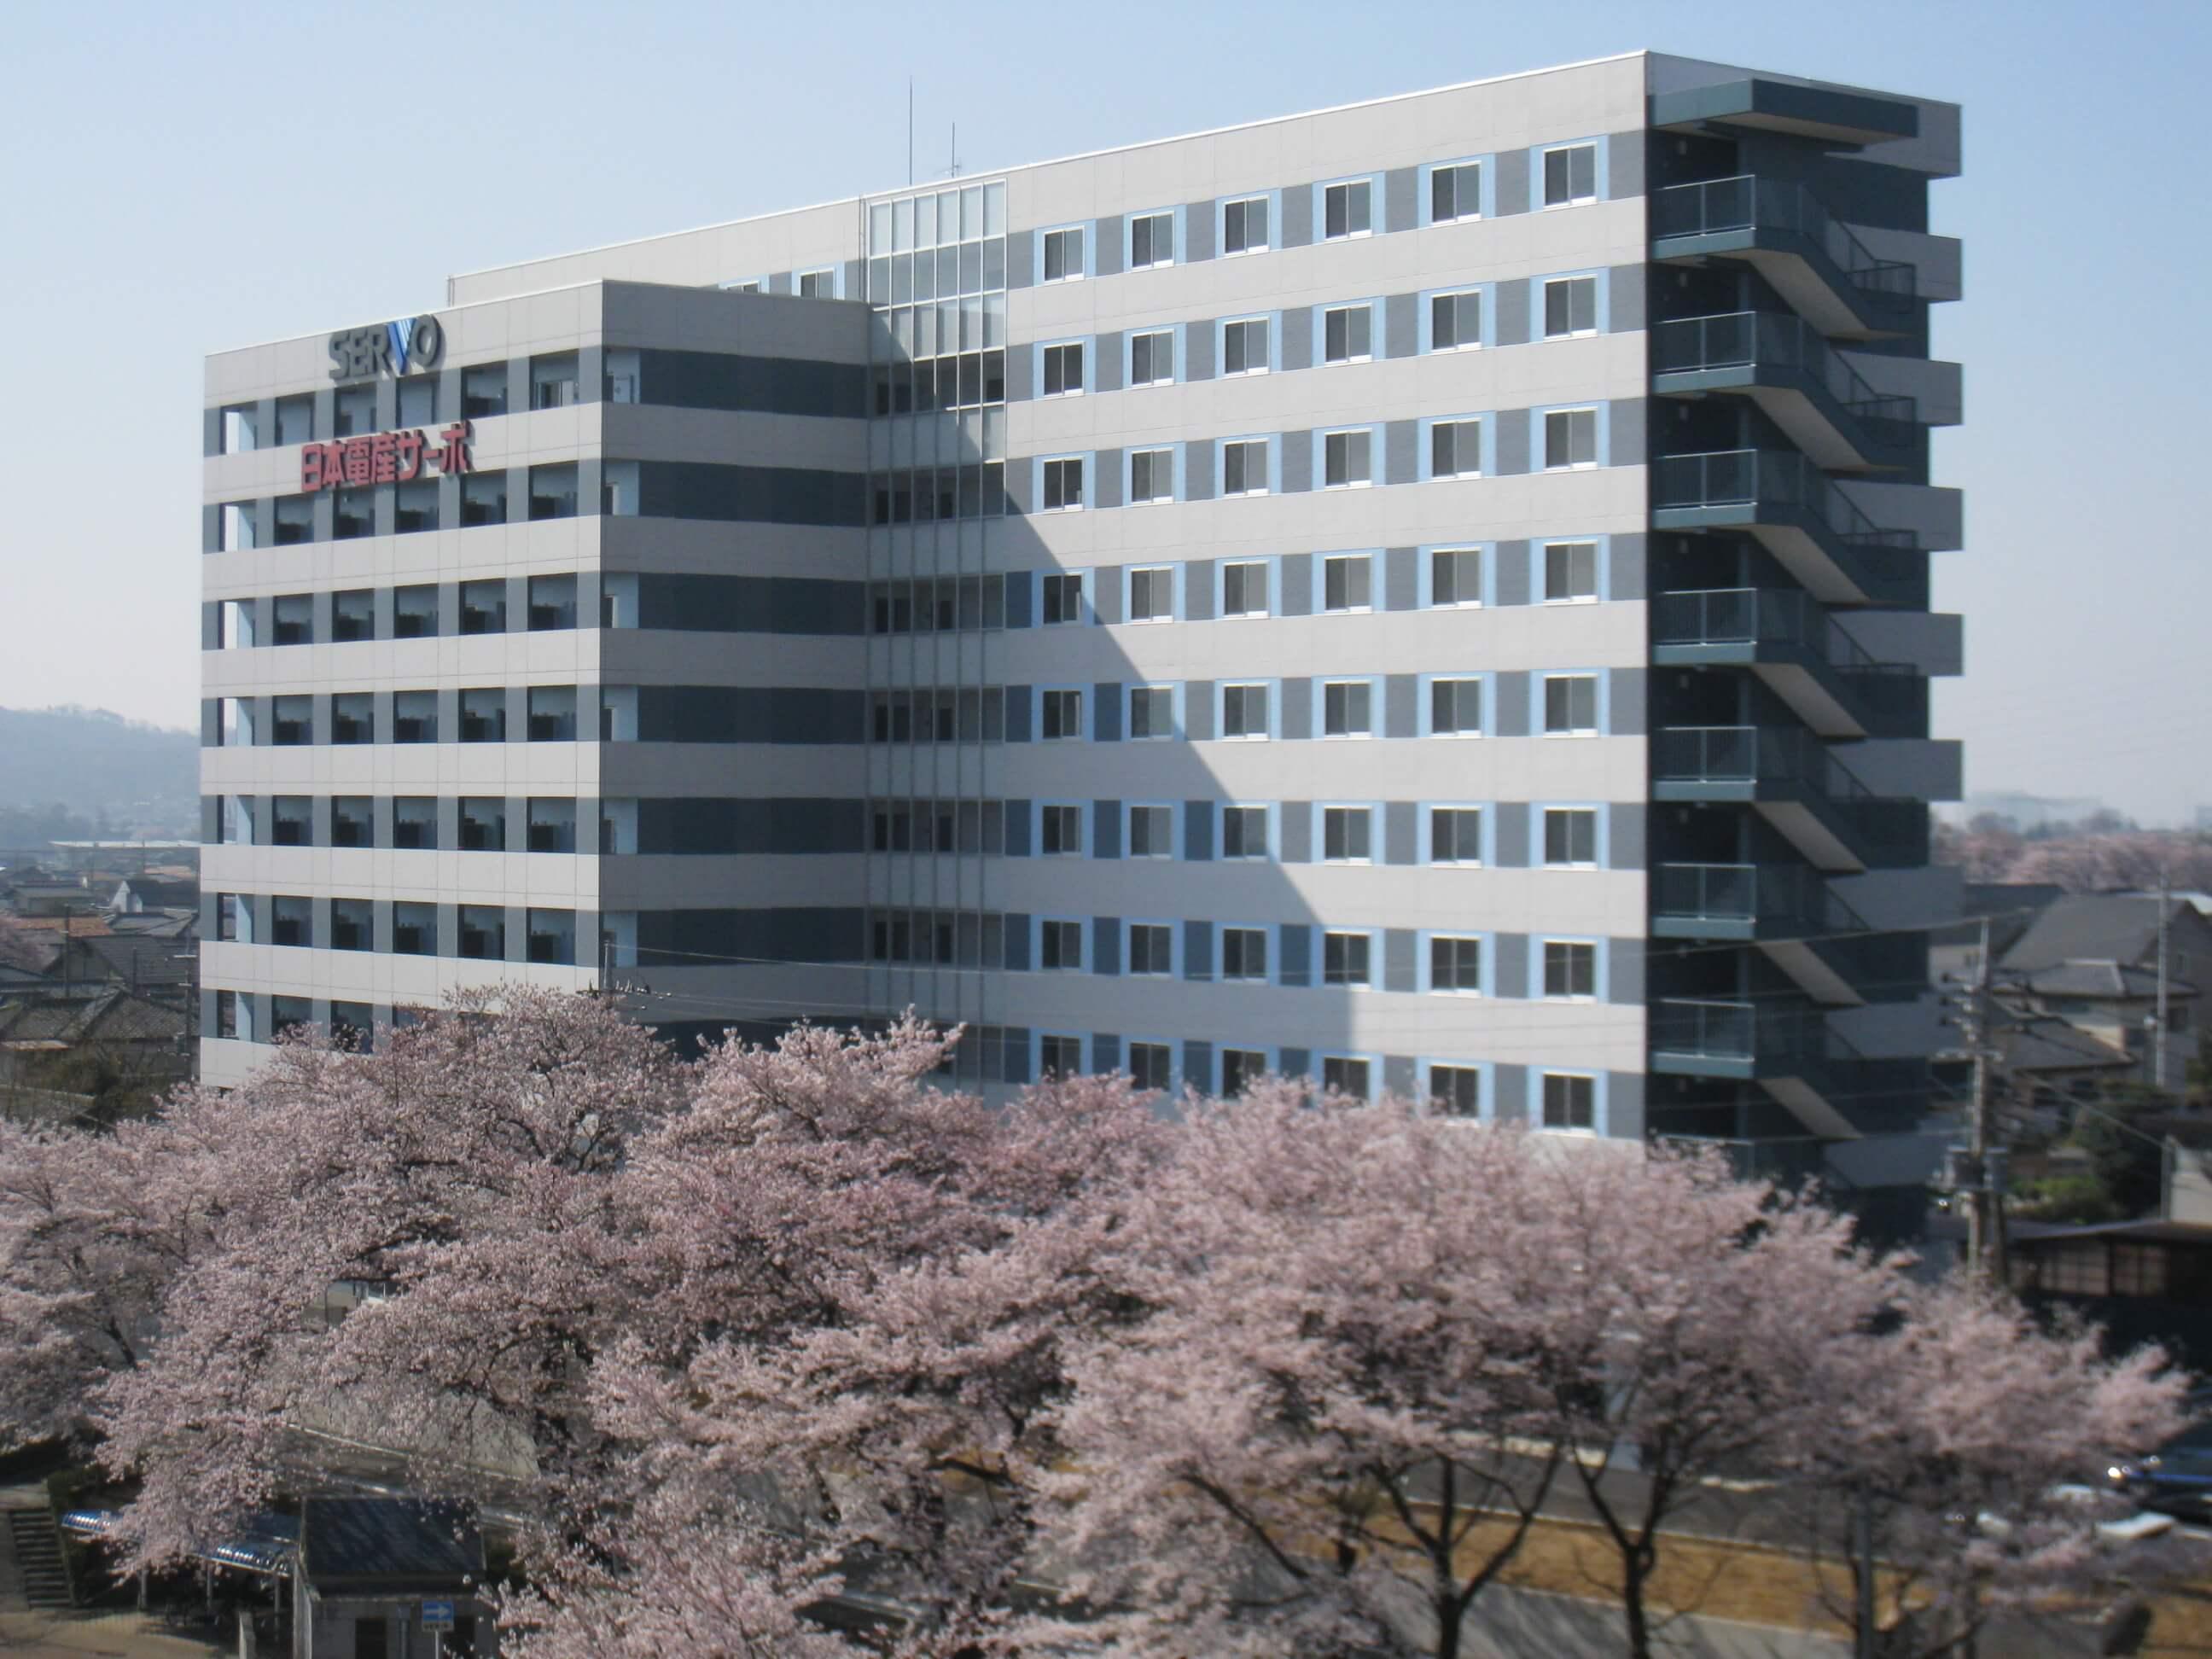 日本電産サーボ株式会社